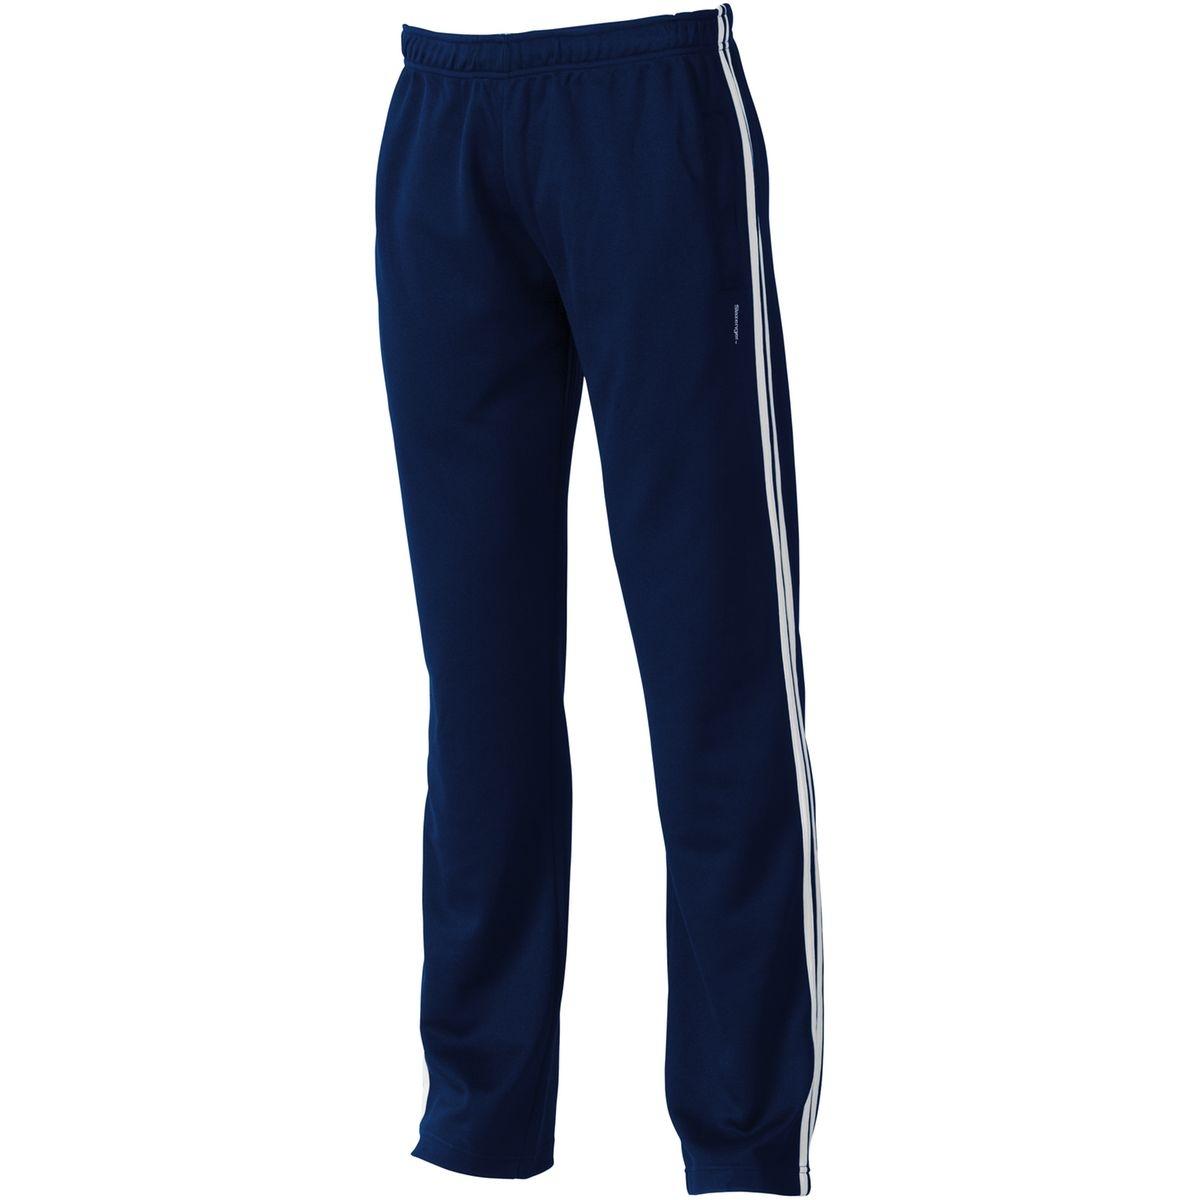 Pantalon de sport COURT